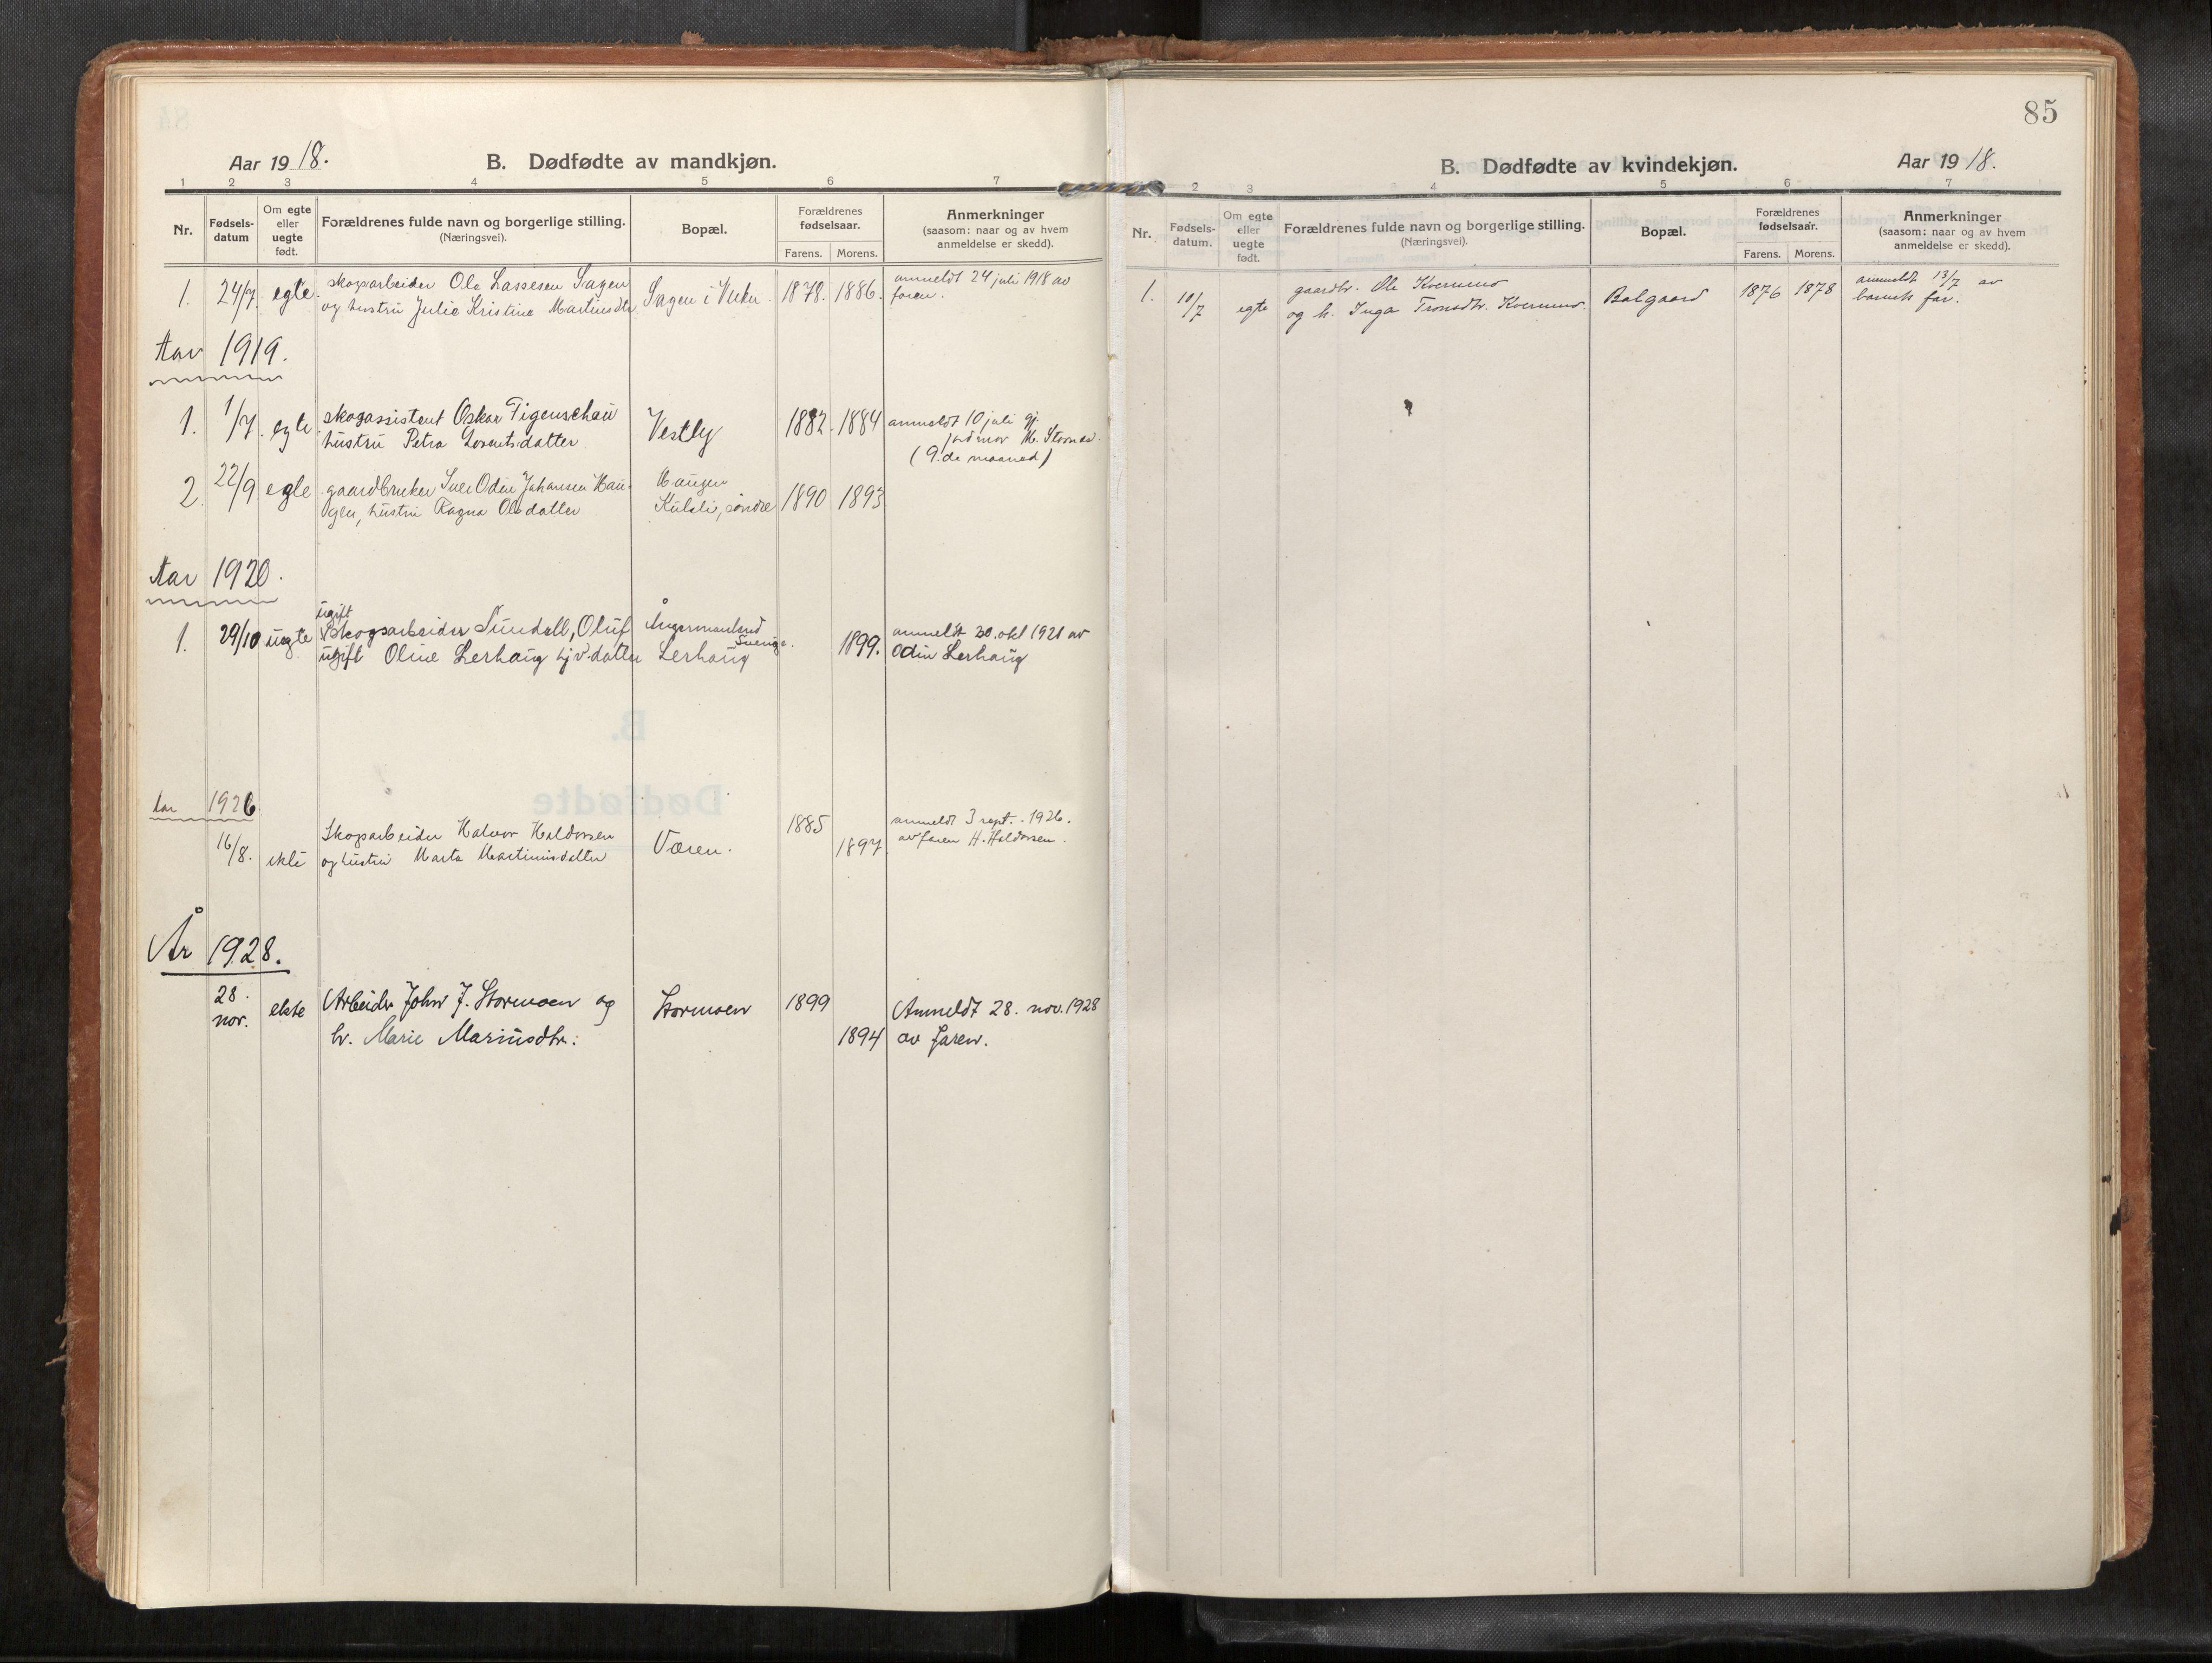 SAT, Verdal sokneprestkontor*, Parish register (official) no. 1, 1916-1928, p. 85